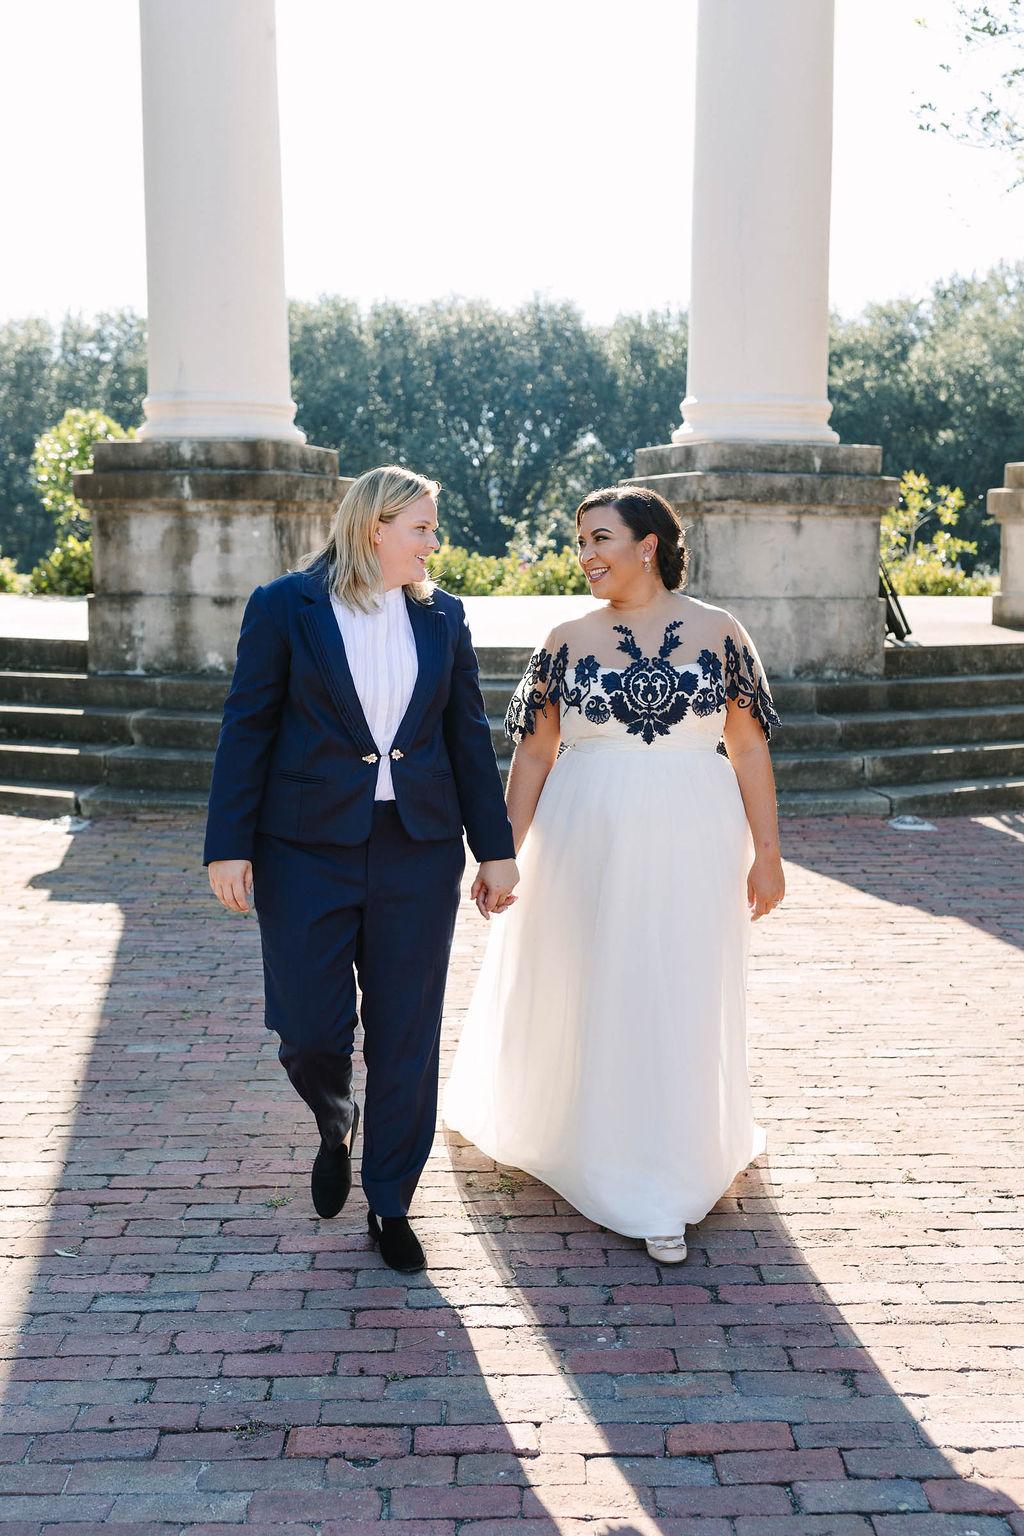 Courtney & Kristen's Wedding